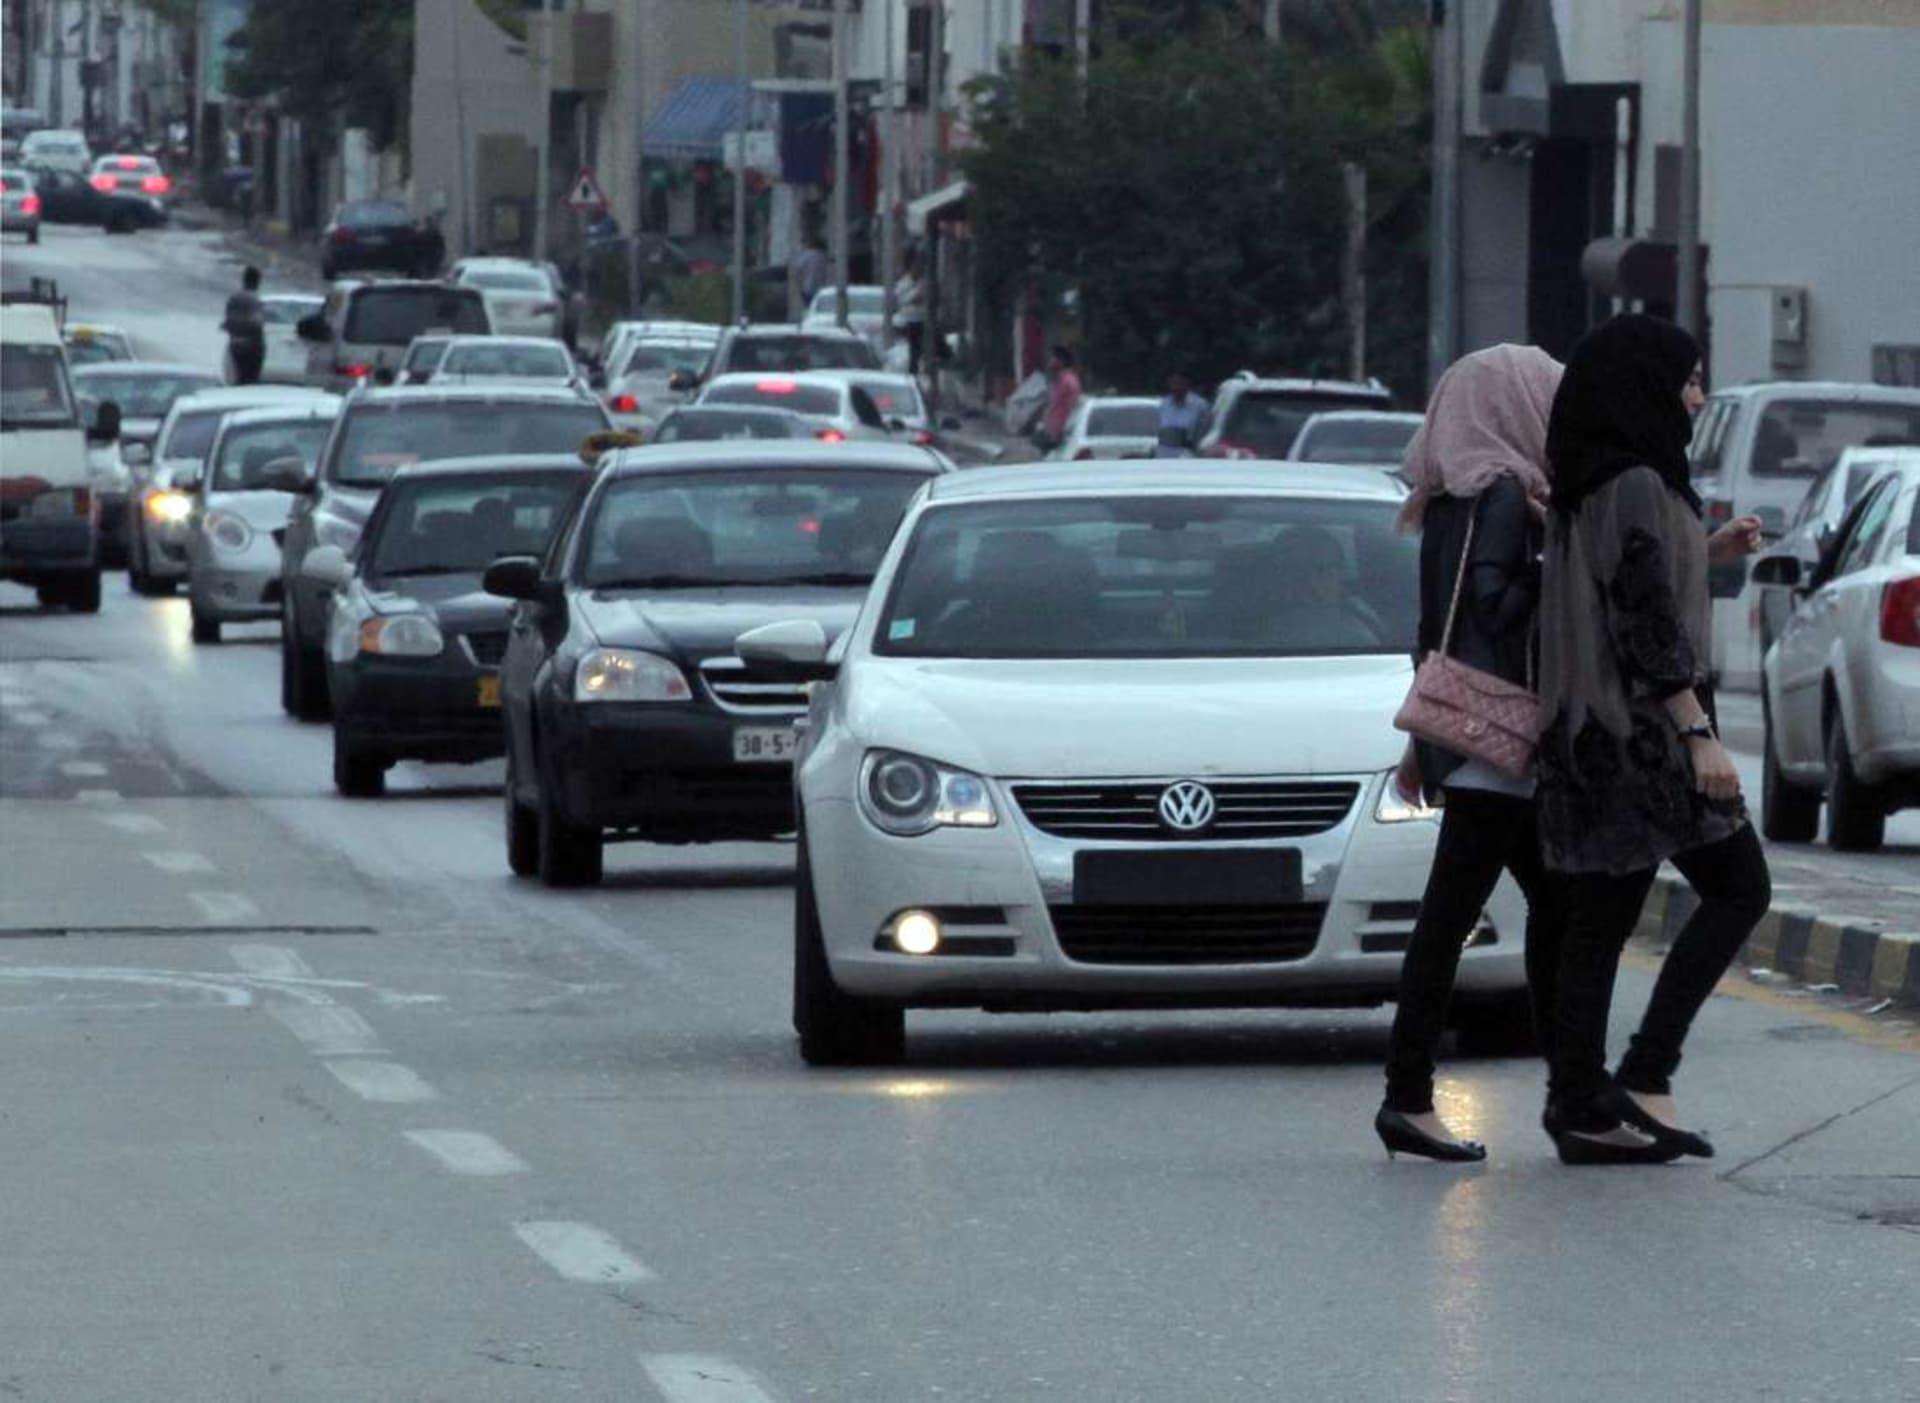 آلاف من العوانس وتراجع نسبة الزواج... ثمن الحرب الأهلية في ليبيا